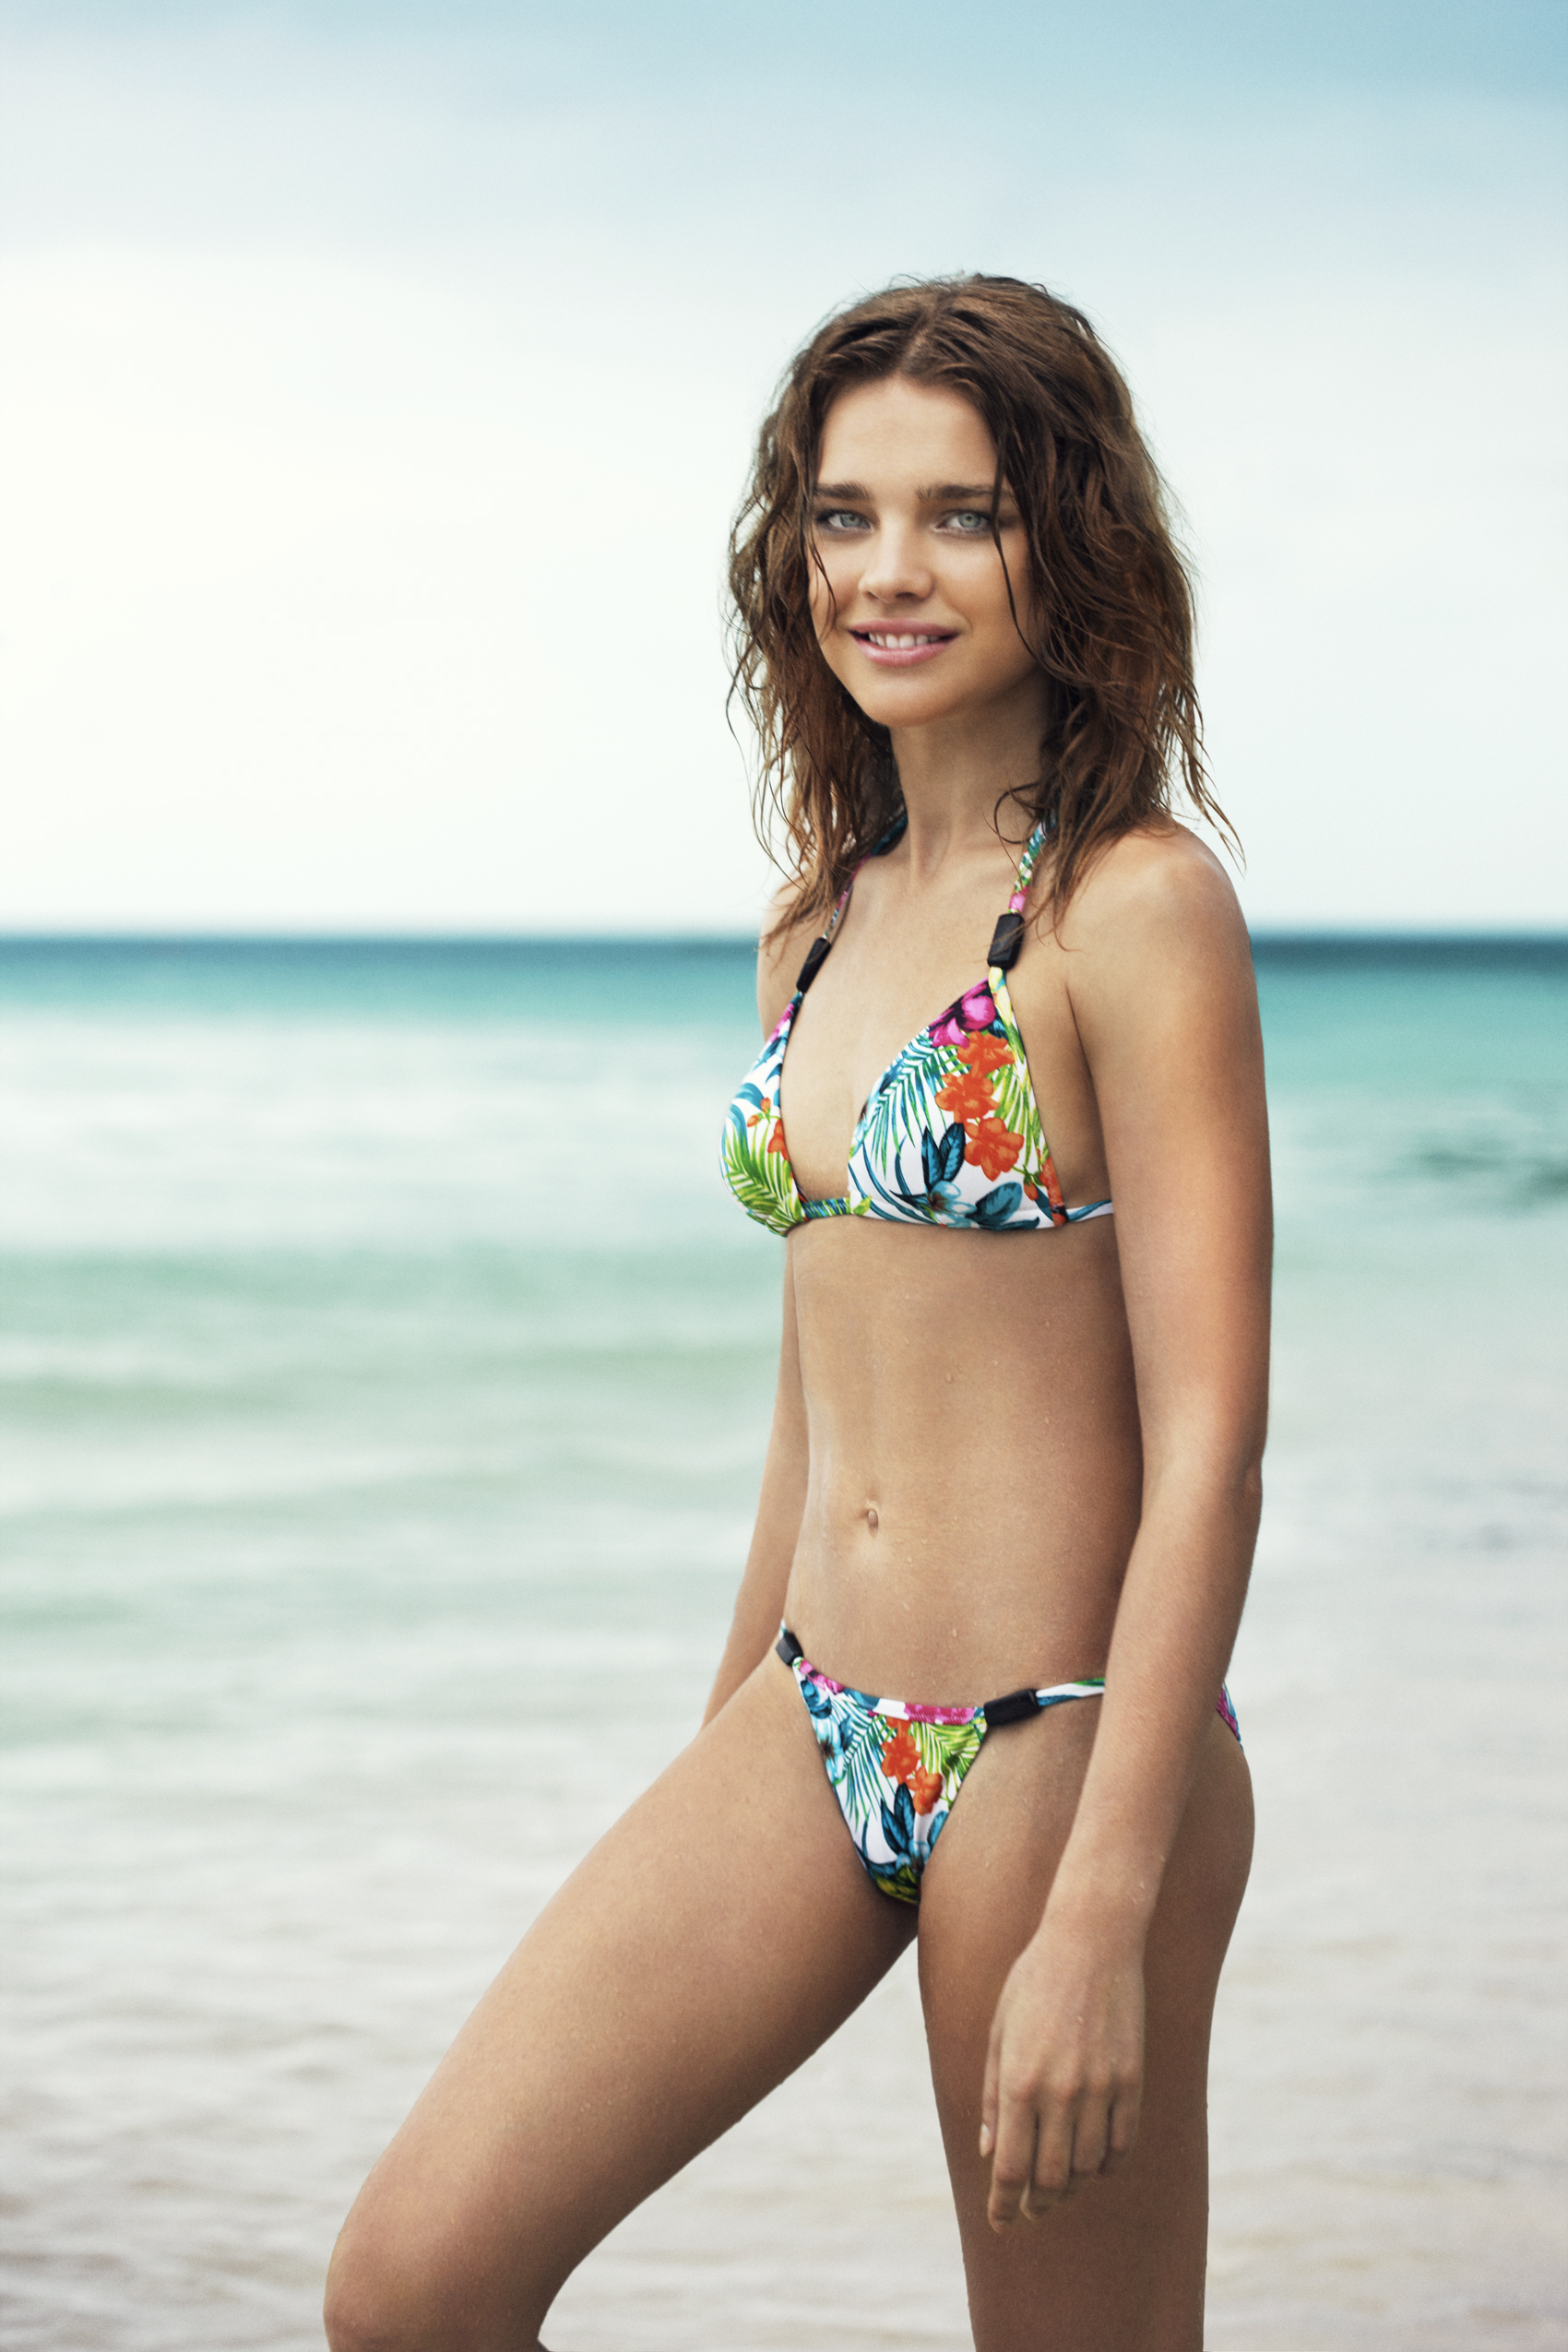 Юные модели на пляже